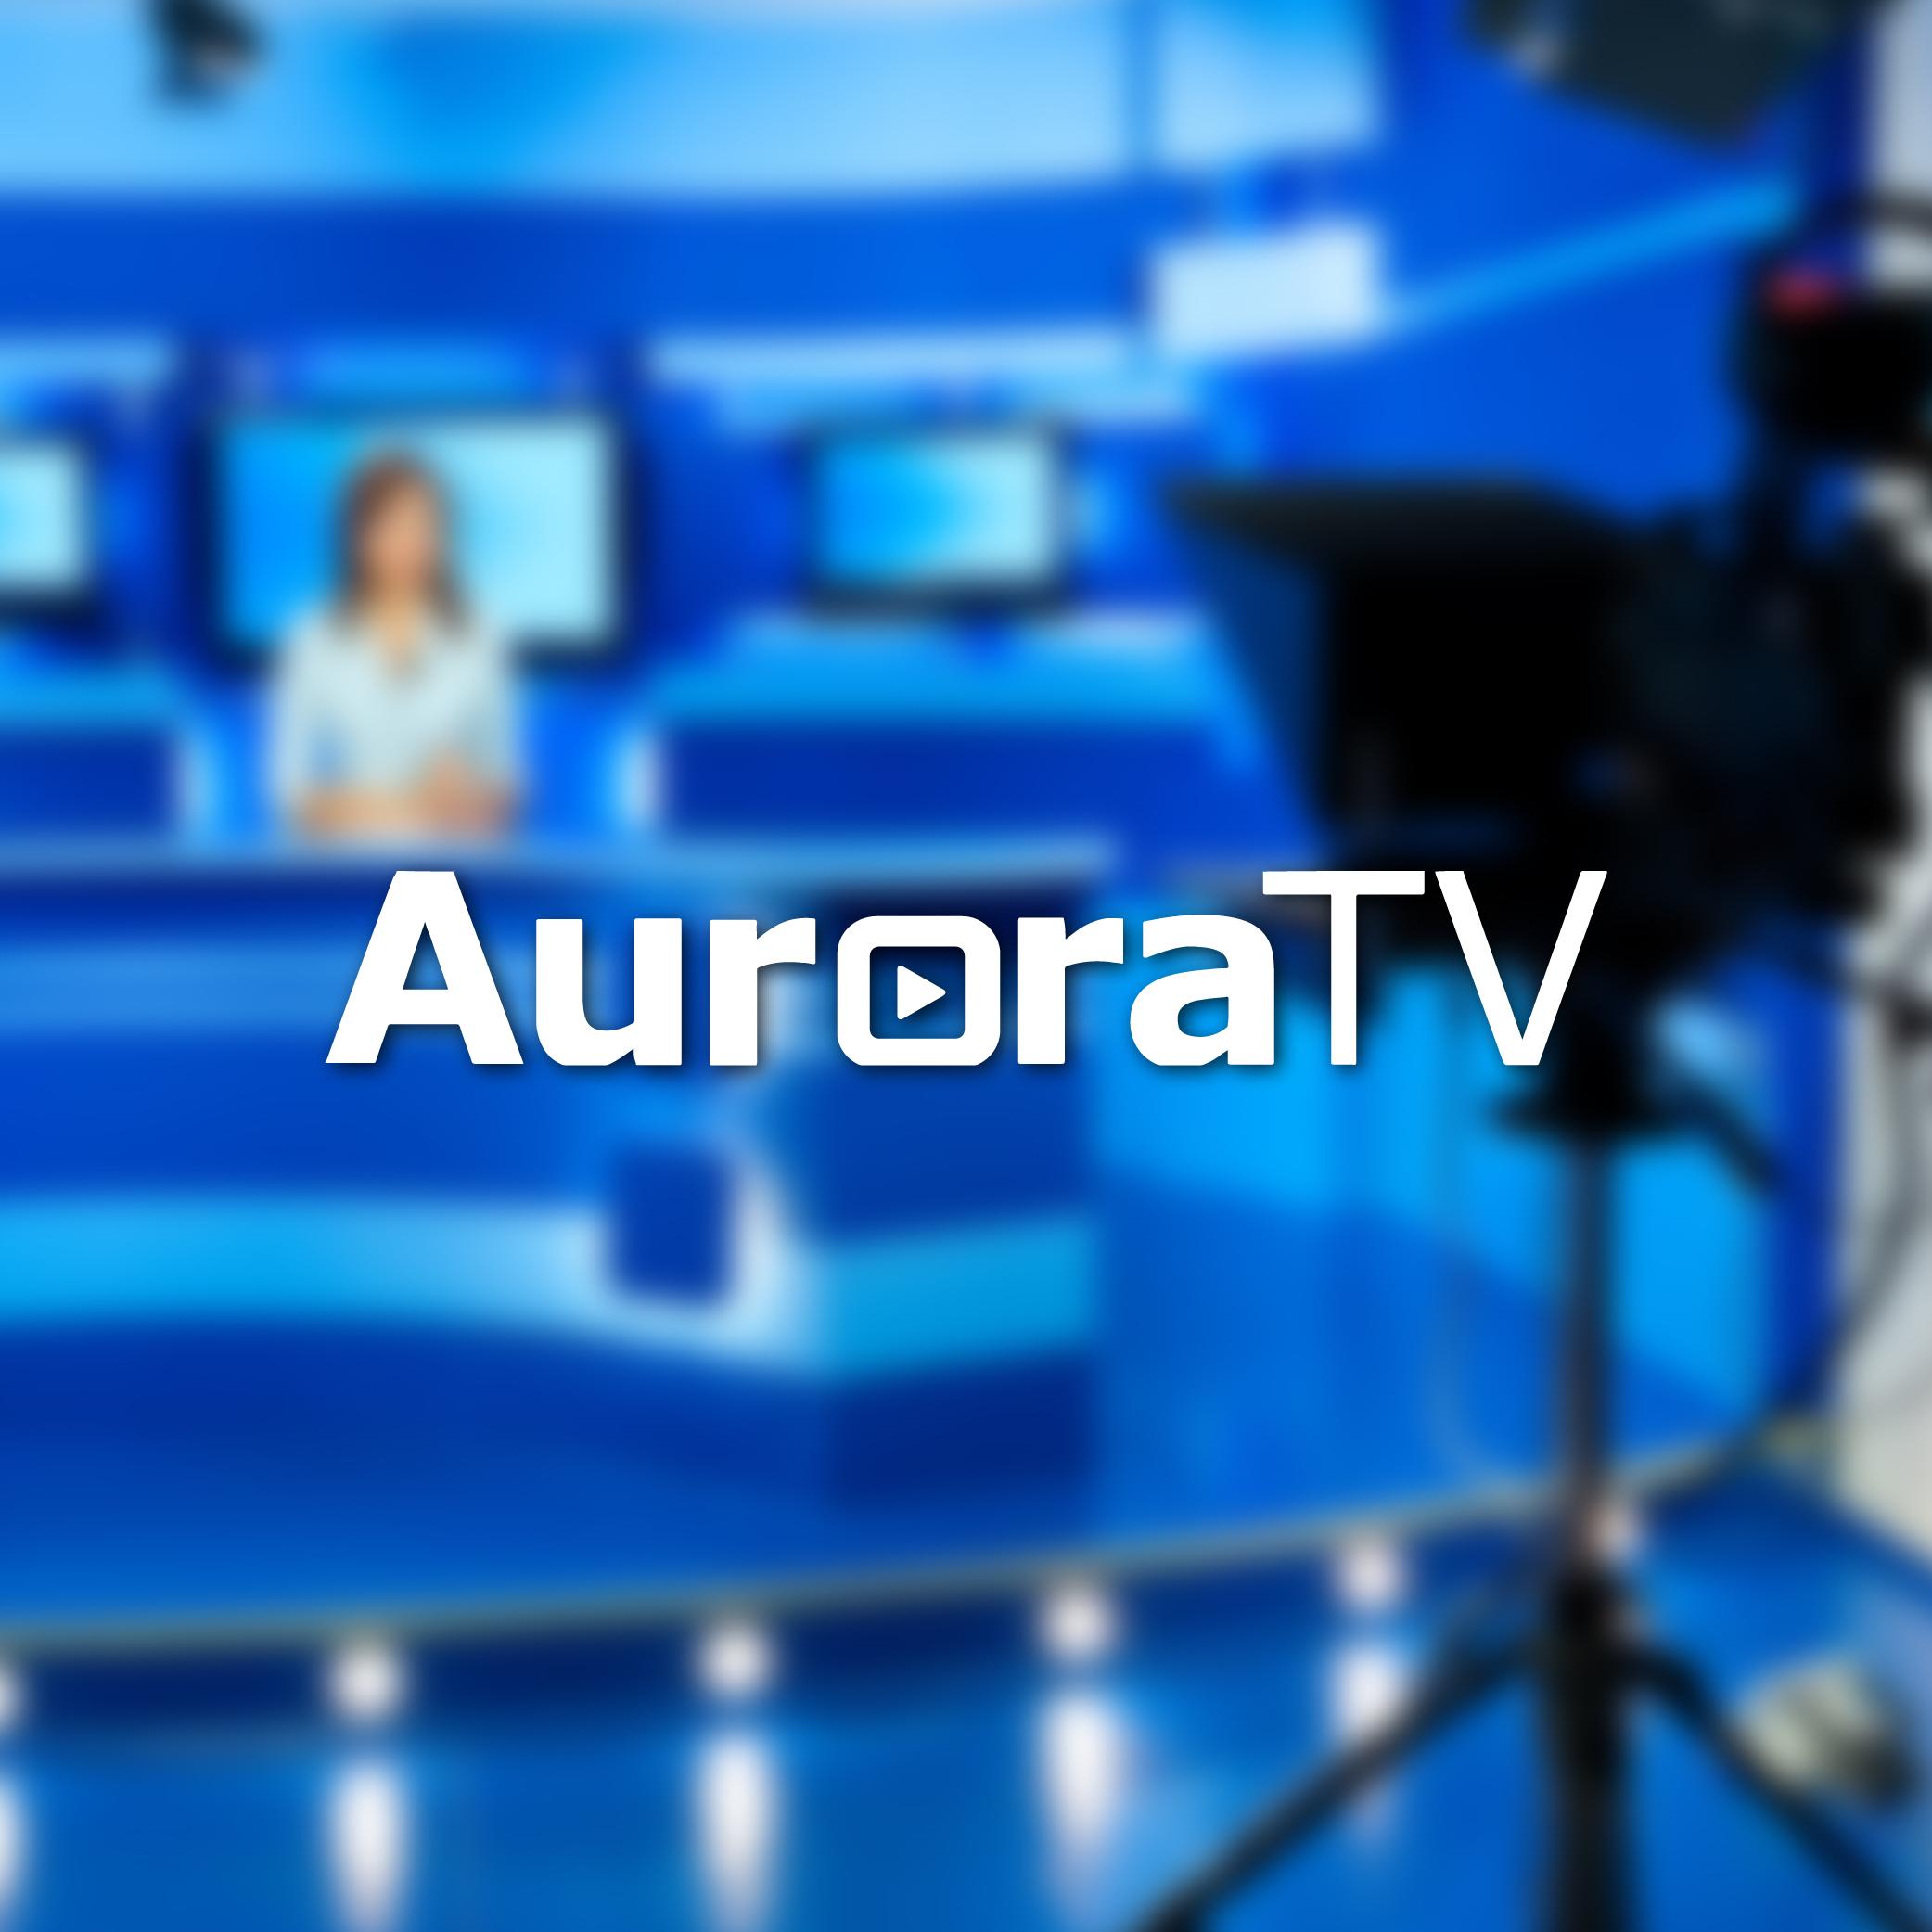 Aurora TV News